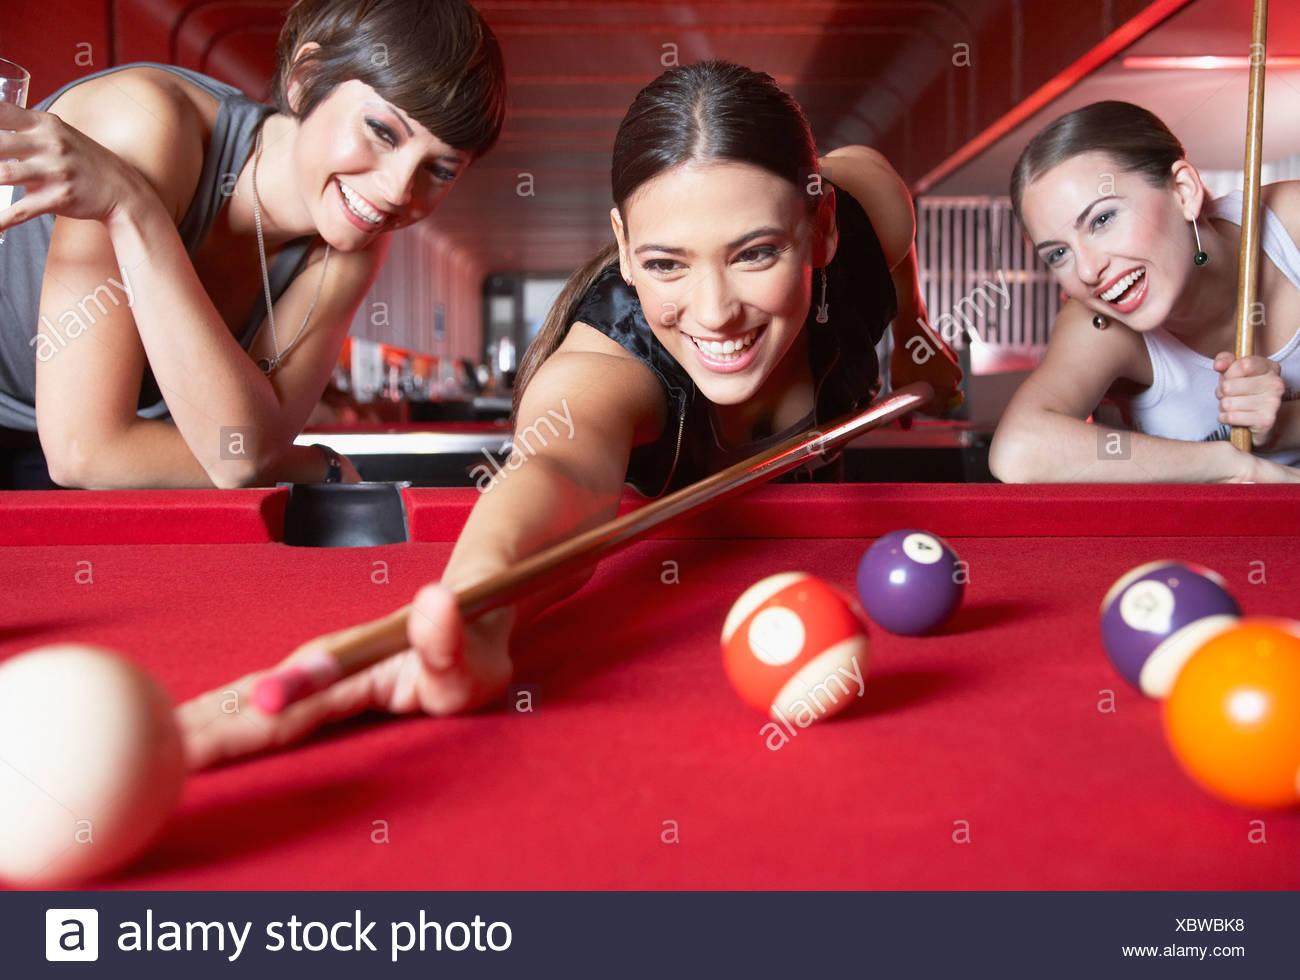 Tre donne giocando a biliardo e sorridente Immagini Stock